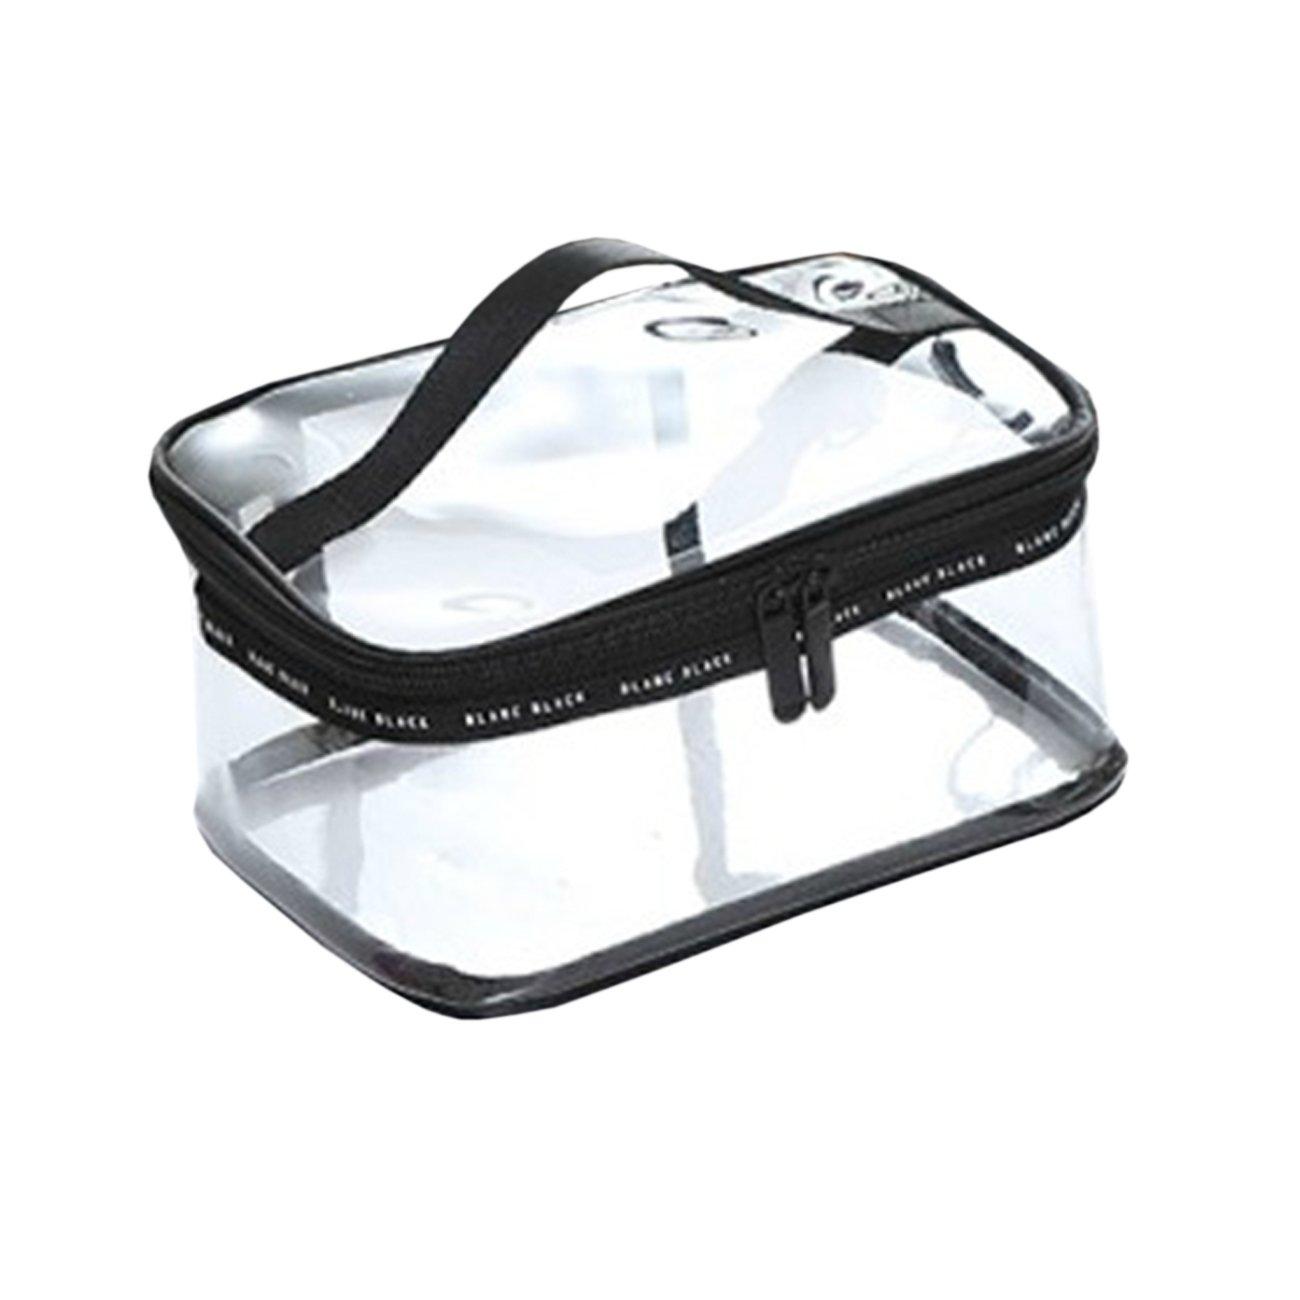 THEE - Trousse de toilette/pour cosmétique - Transparente - De voyage 3pcs set